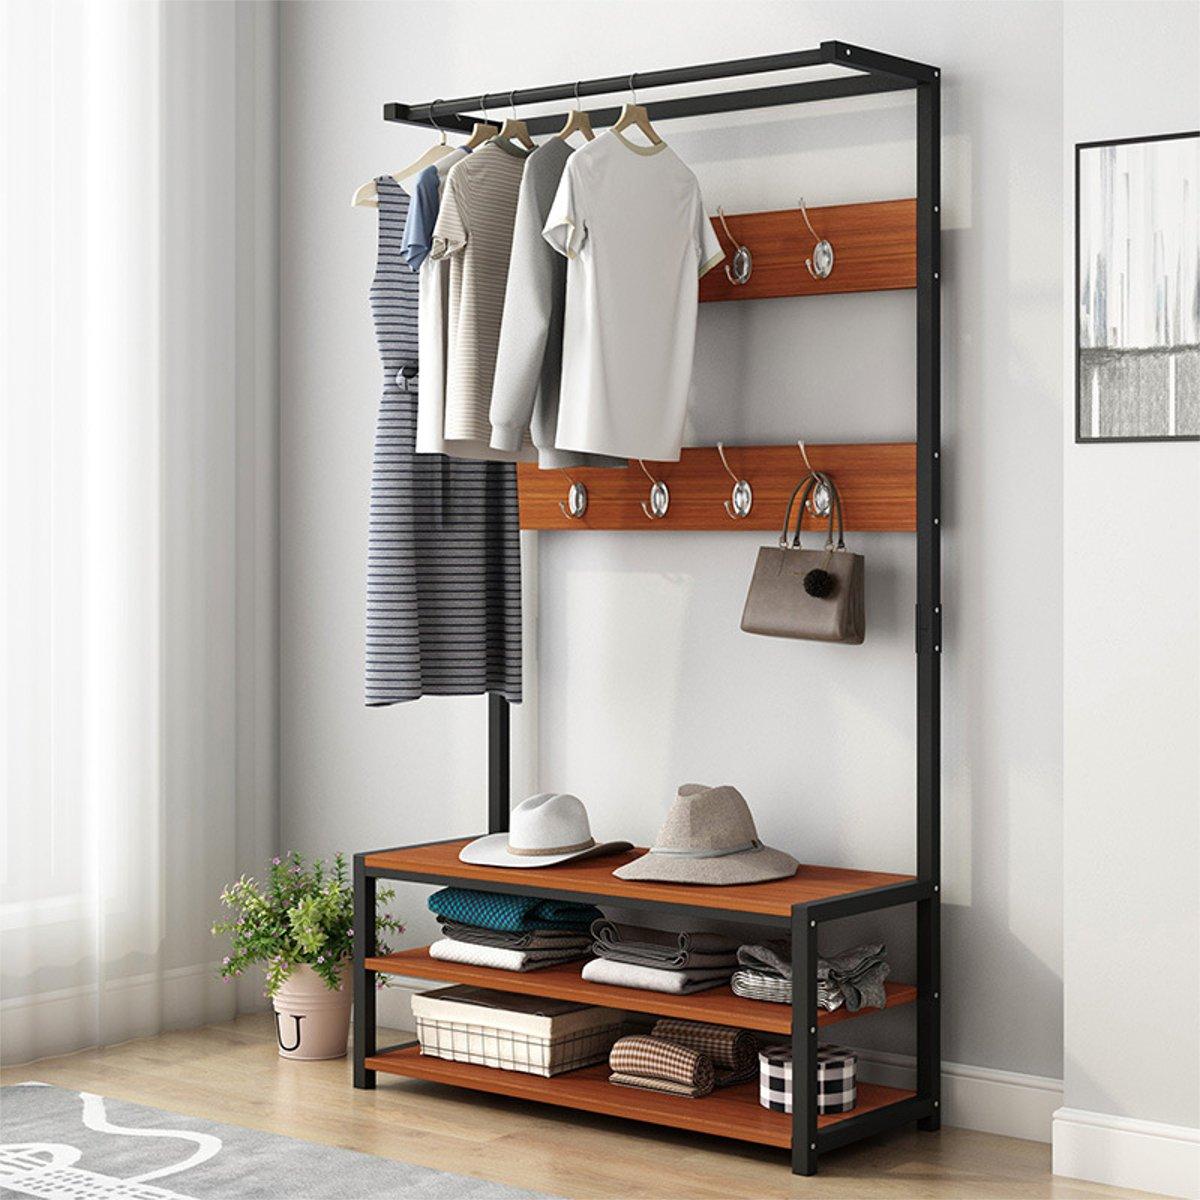 60/80cm 170cm Standing Coat Rack Shelf Multifunction Clothes Shoes Bench Hanger Hooks Storage Holder Living Room Furniture